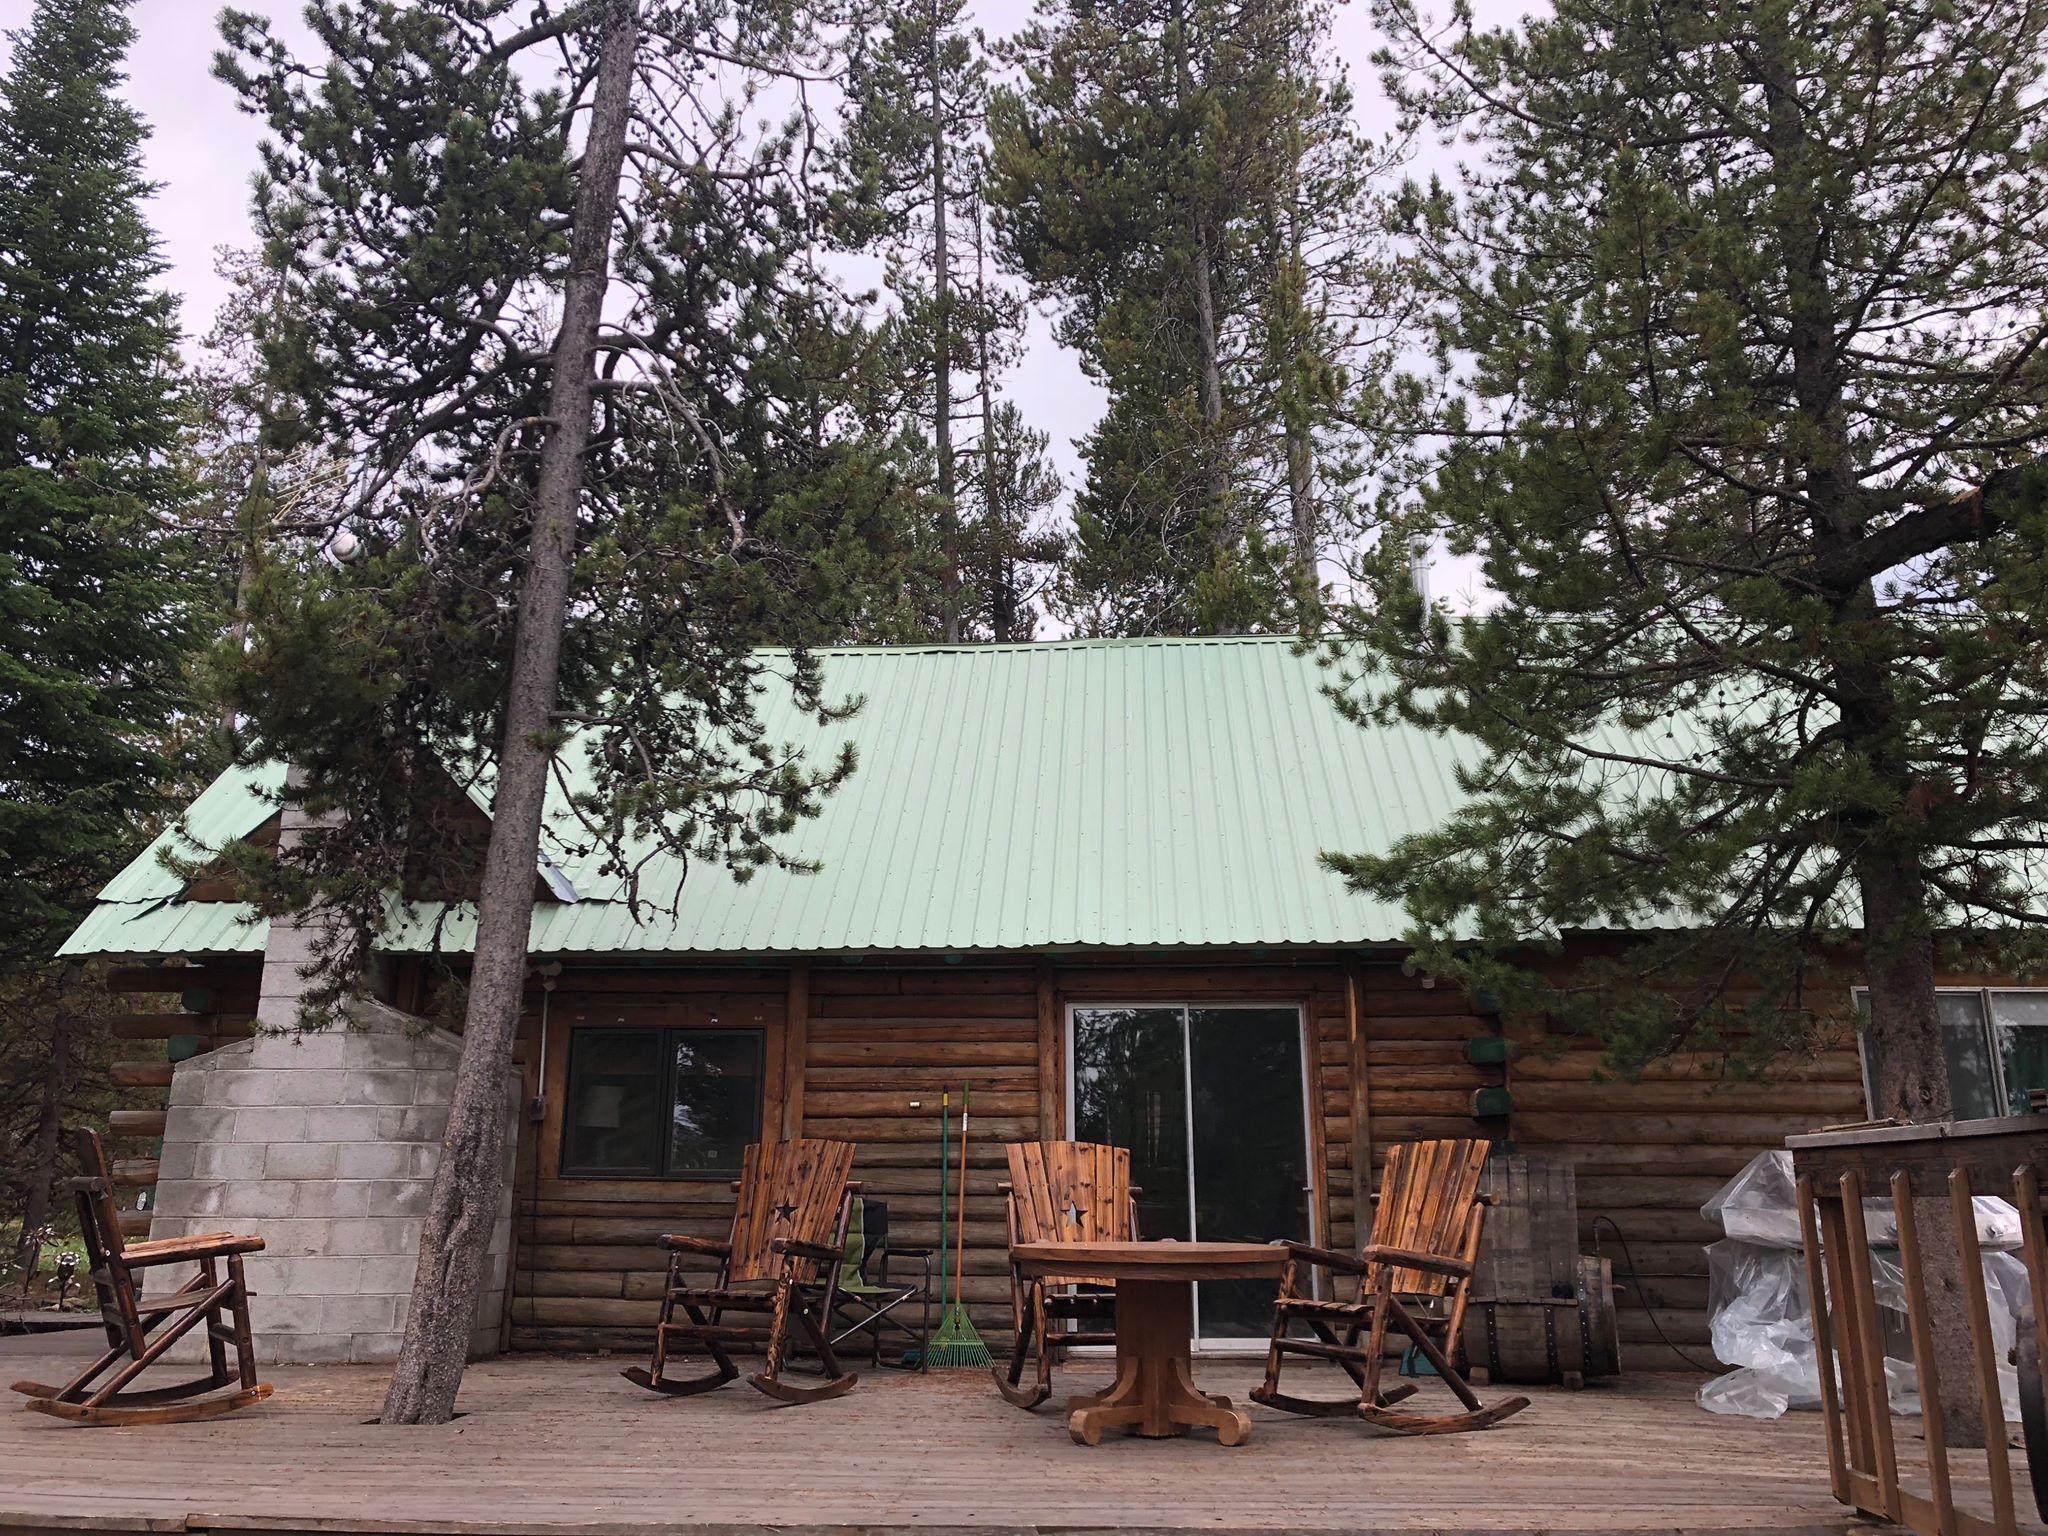 cabin-rental-island-park-idaho-cabin.jpg